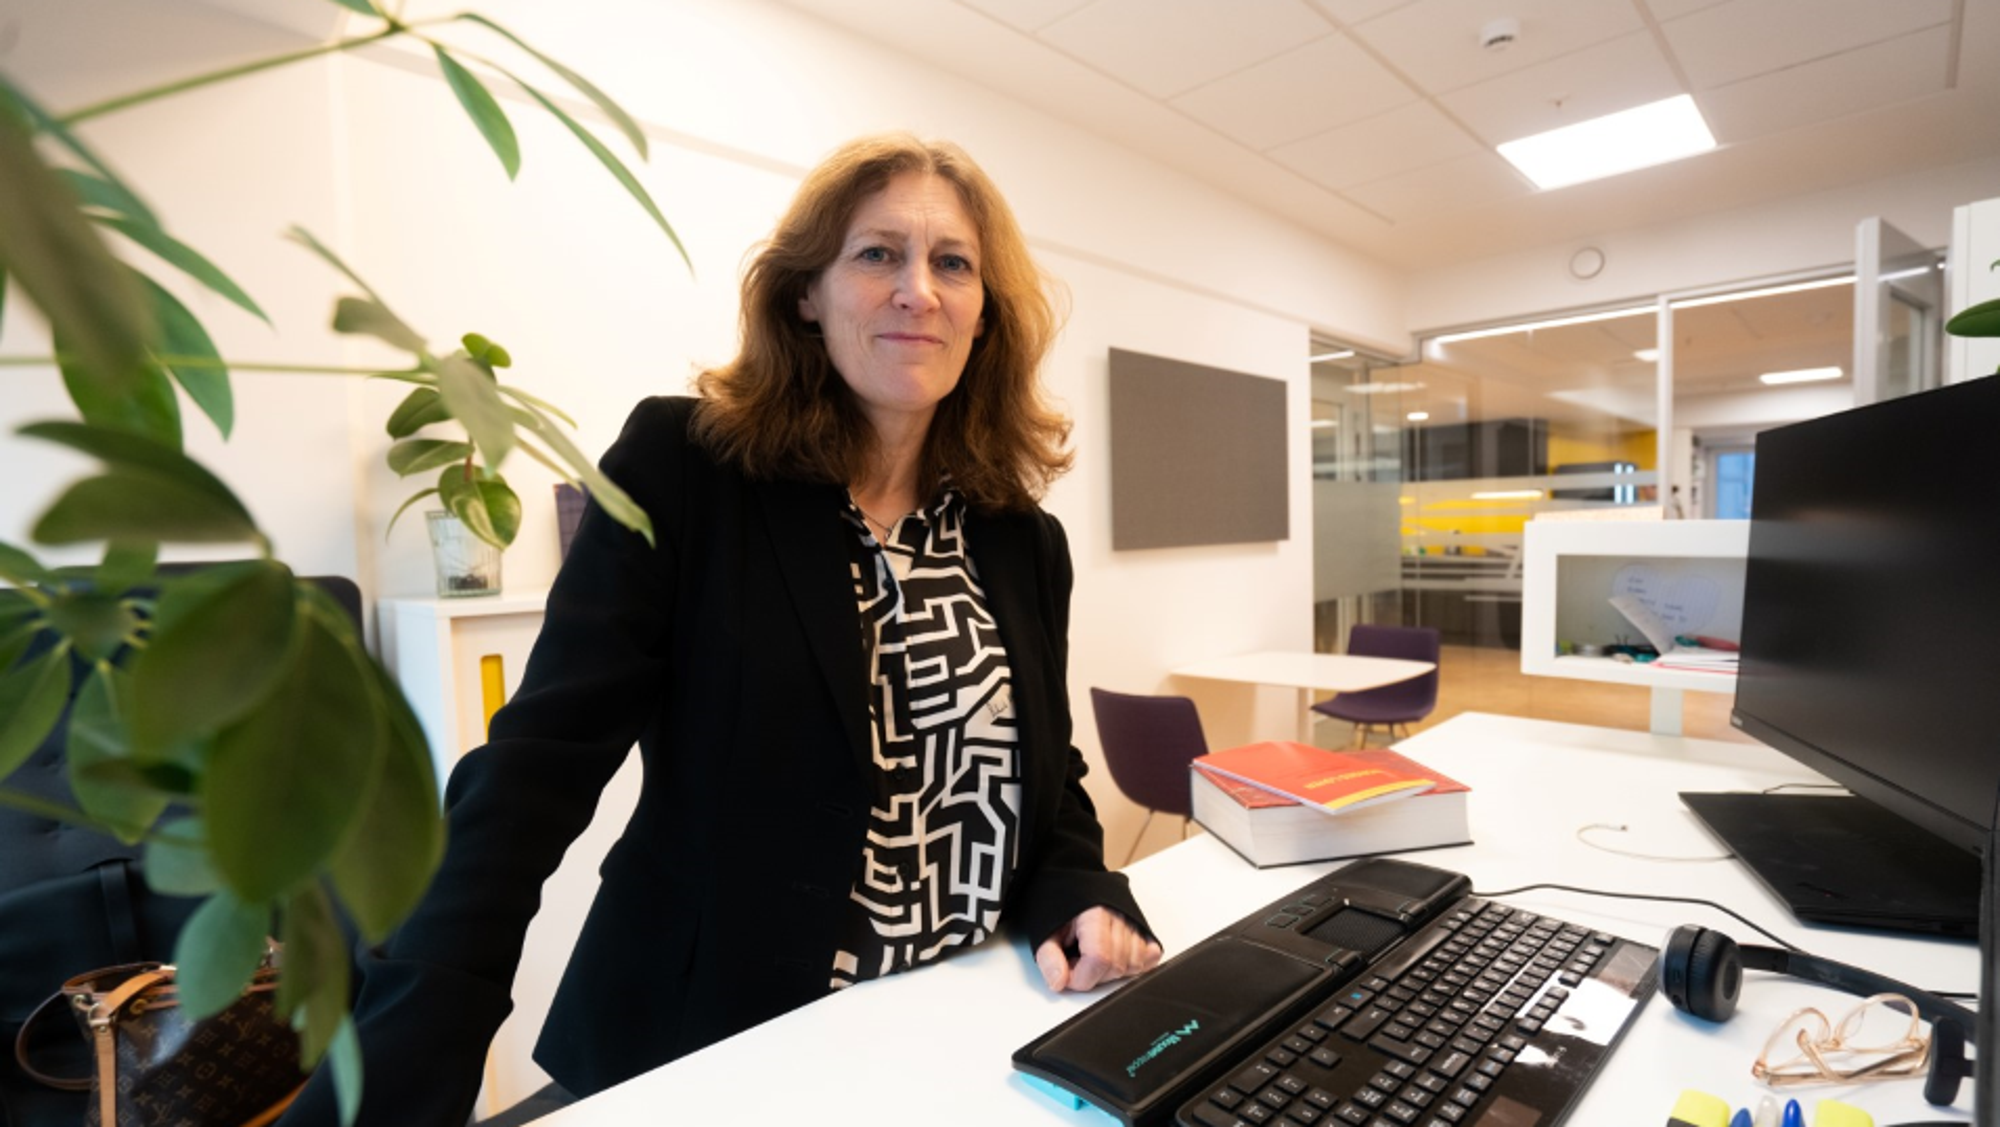 Anne Cathrine Hunstad leder Teknas juridiske avdeling og melder om henvendelser fra medlemmer som er bekymret for om det kommer permitteringer som følge av Korona-viruset.